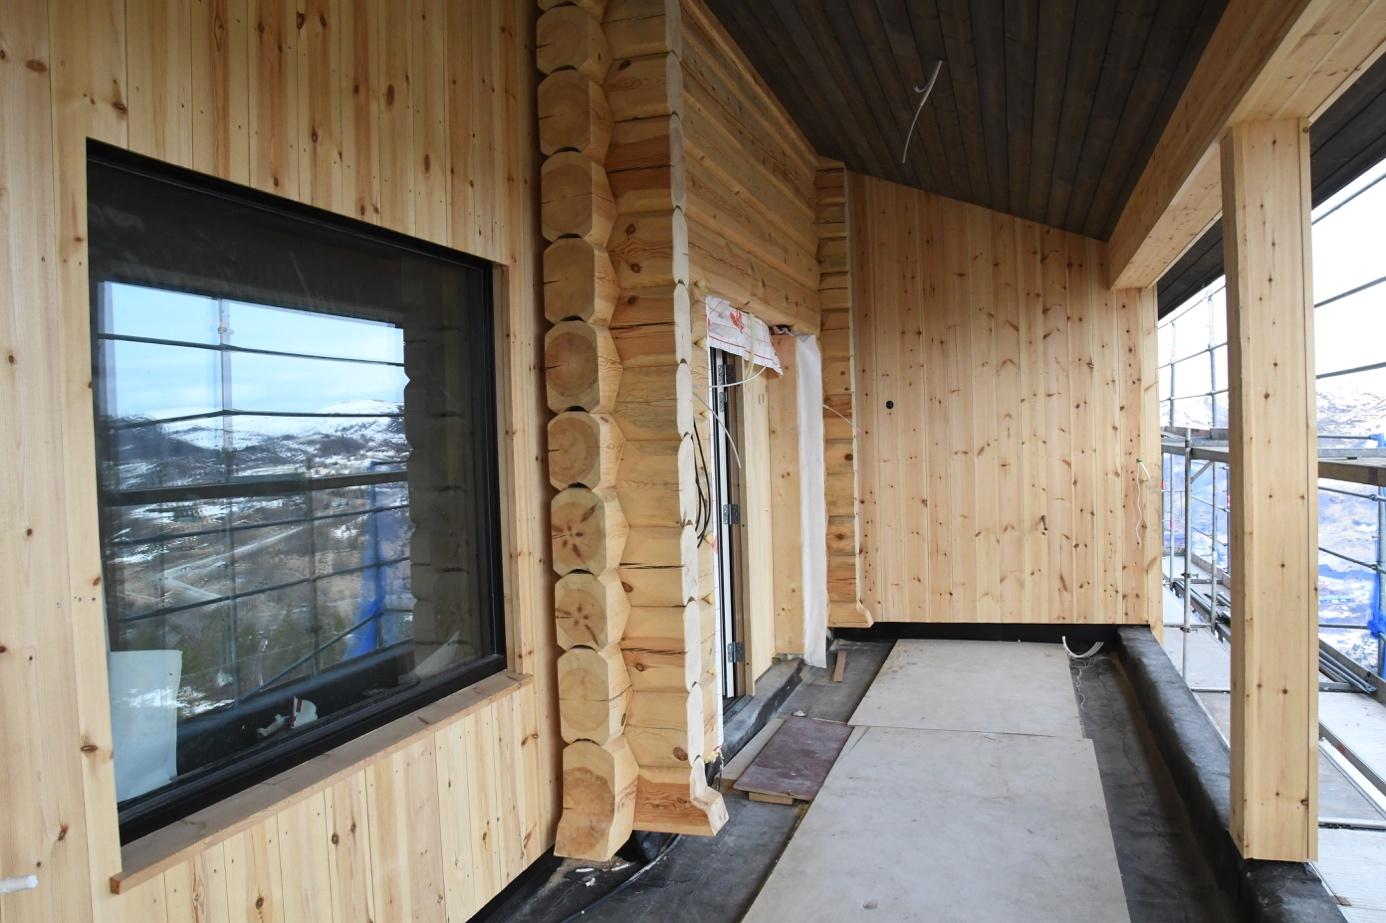 Et bilde som inneholder innendørs, vindu, gulv, bygning  Automatisk generert beskrivelse